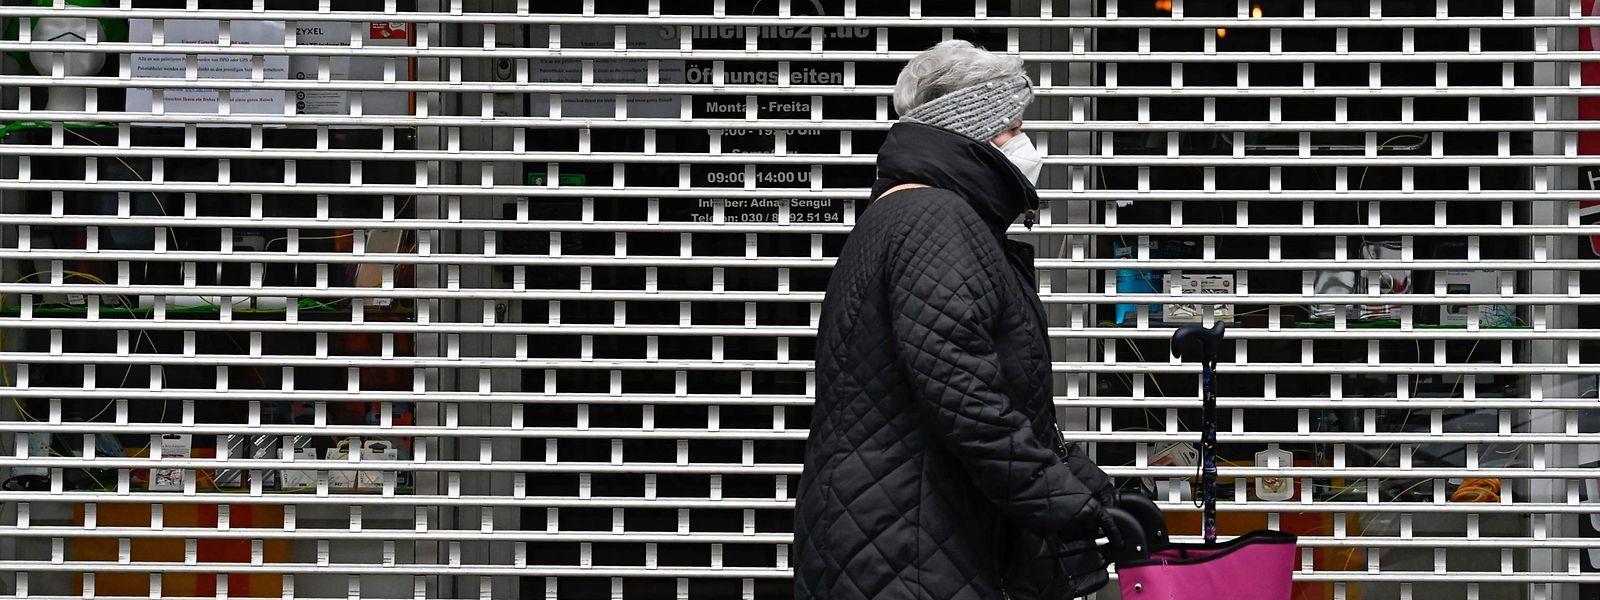 Le regain de la pandémie en fin d'année, avec son cortège de nouvelles restrictions en Europe, a douché les espoirs de reprise rapide de l'économie.